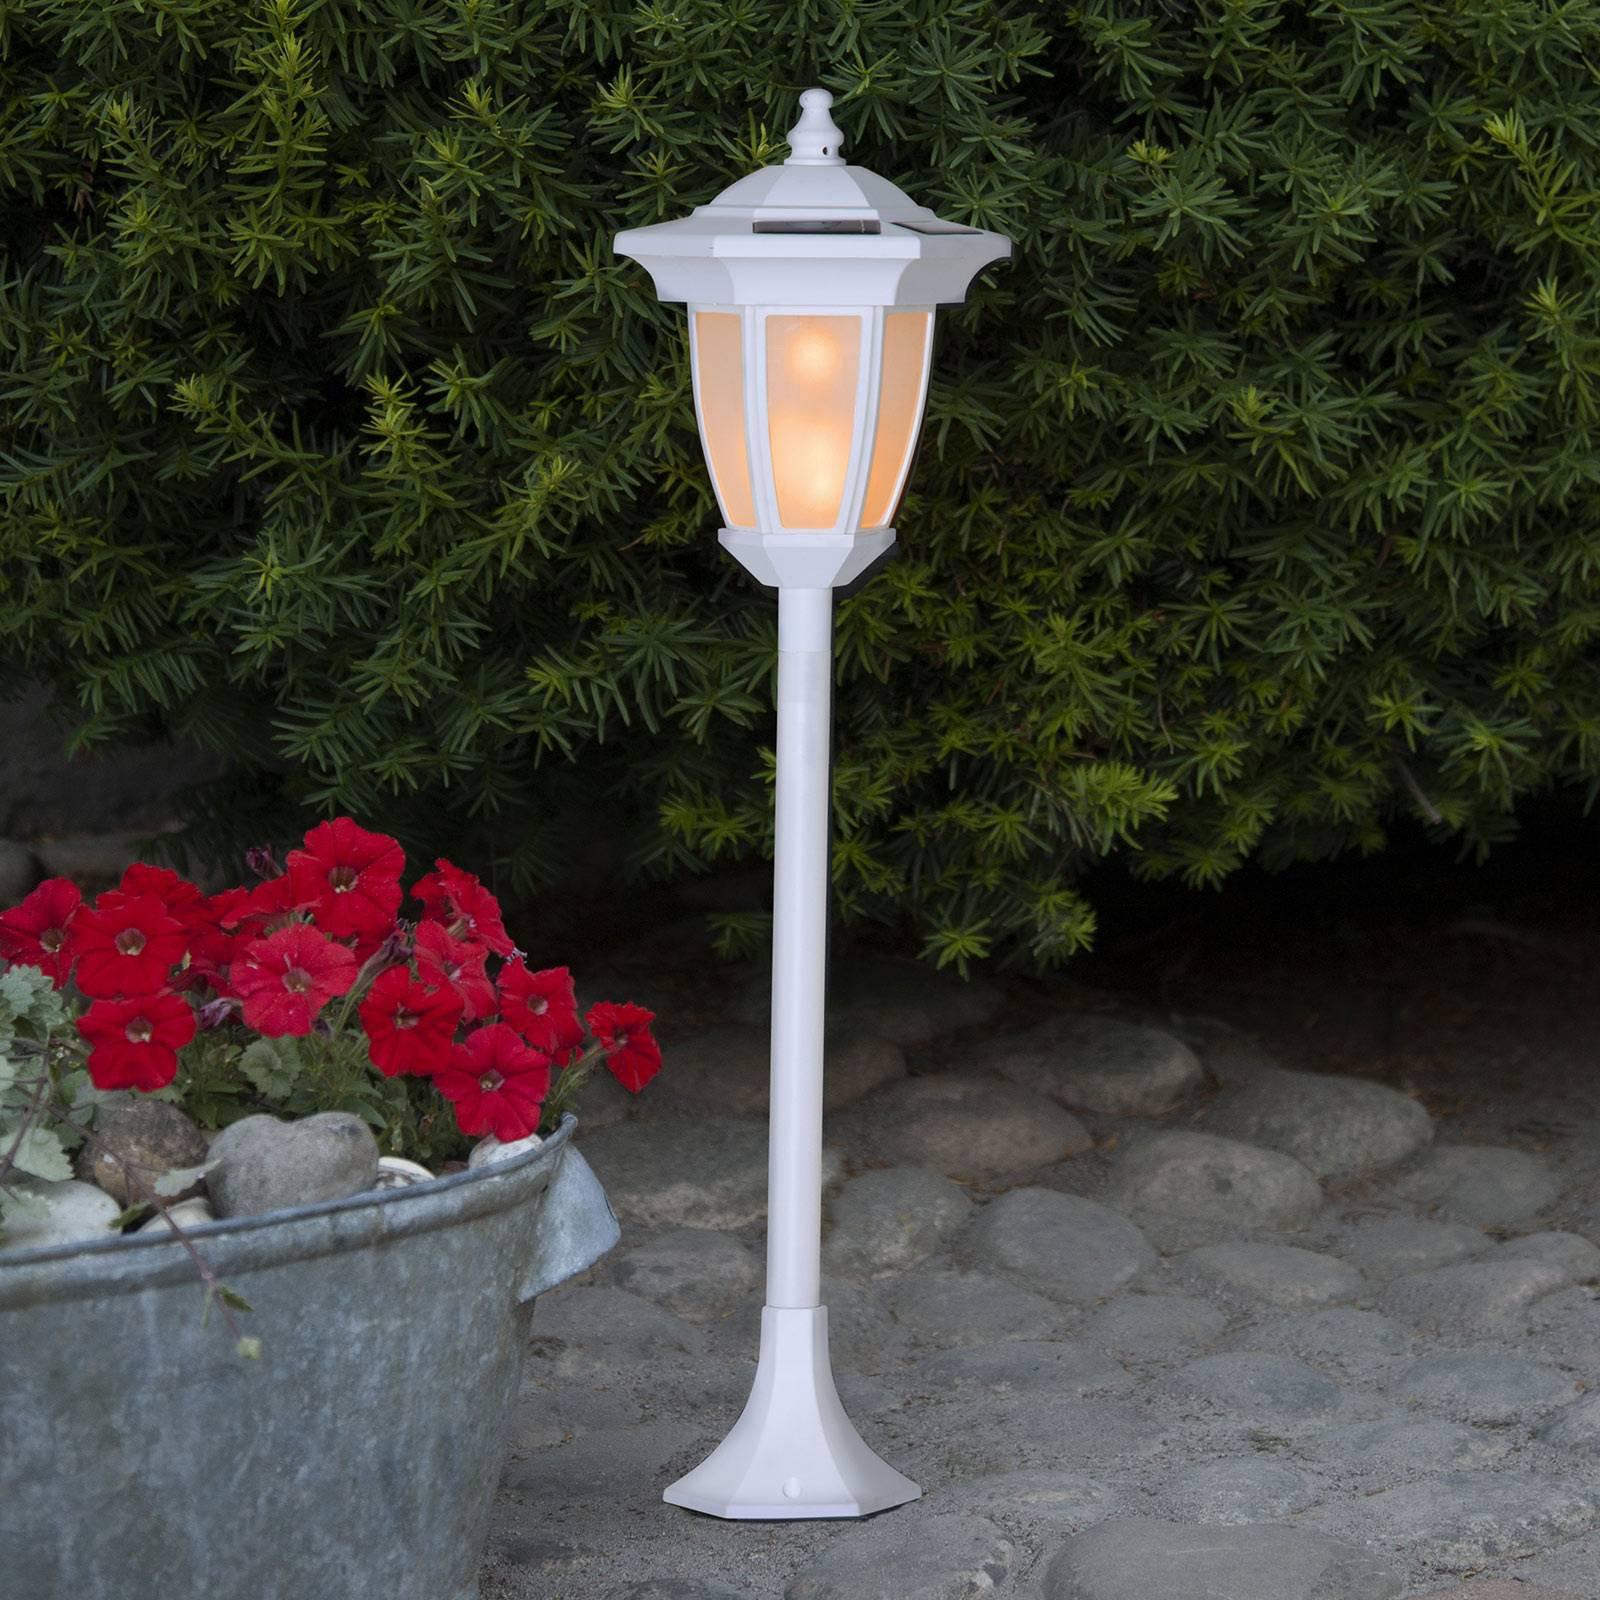 LED-solcellelampe Flame 4 i 1 hvit